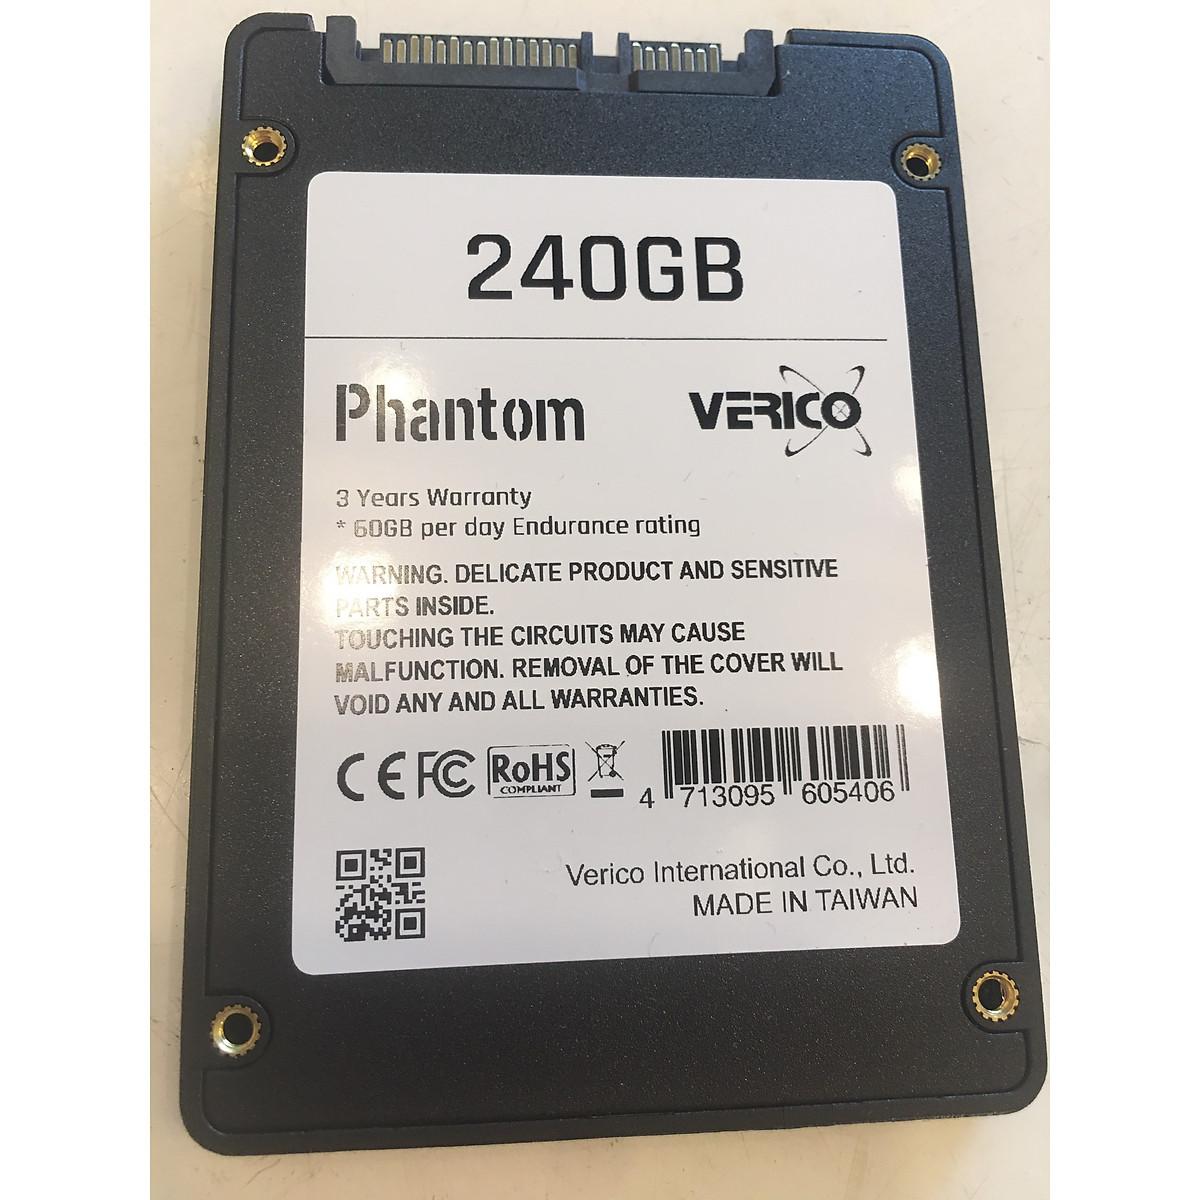 Ổ cứng SSD Verico Phantom sata III 240Gb Black – Hàng Chính Hãng